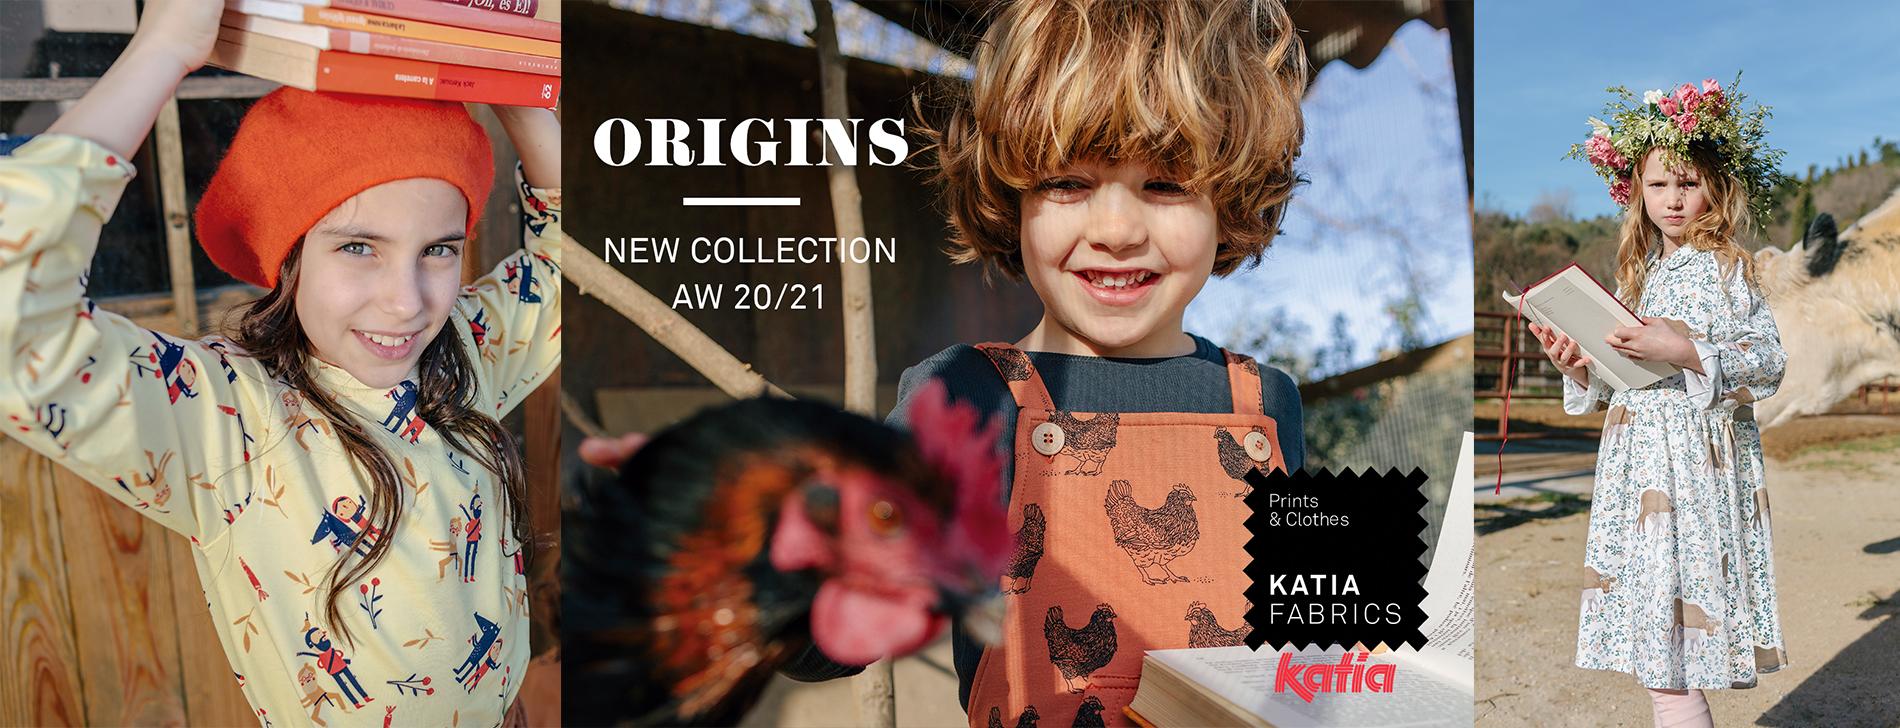 origins nueva colección AW20/21